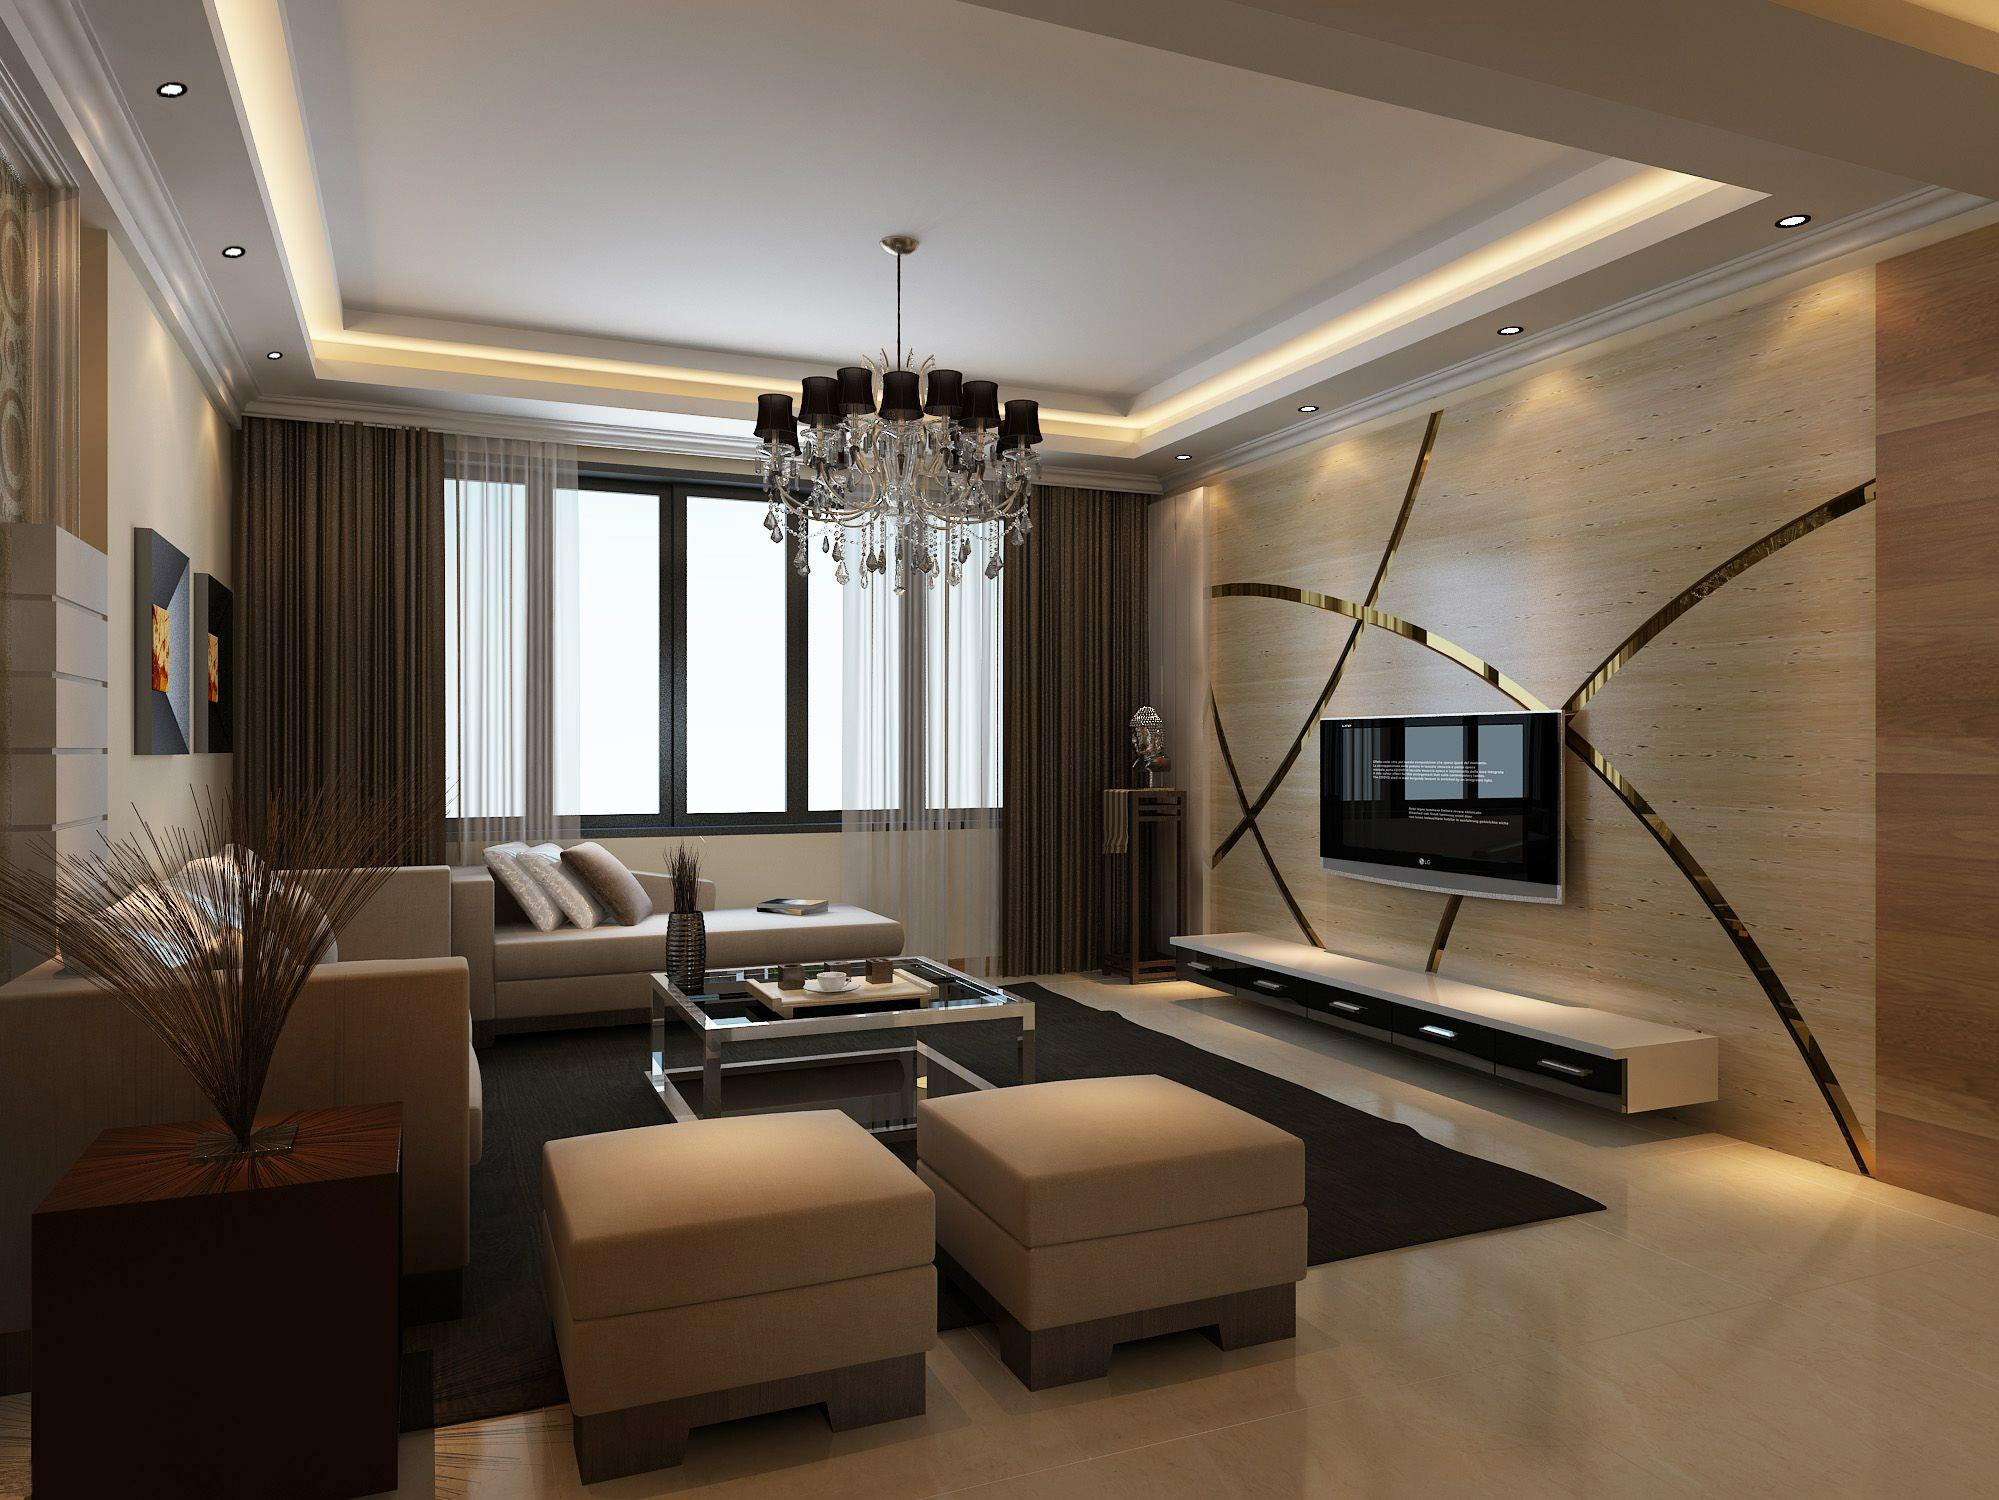 海马公园 三居 现代风格 客厅图片来自张樂在海马公园 三居室 现代简约风格的分享